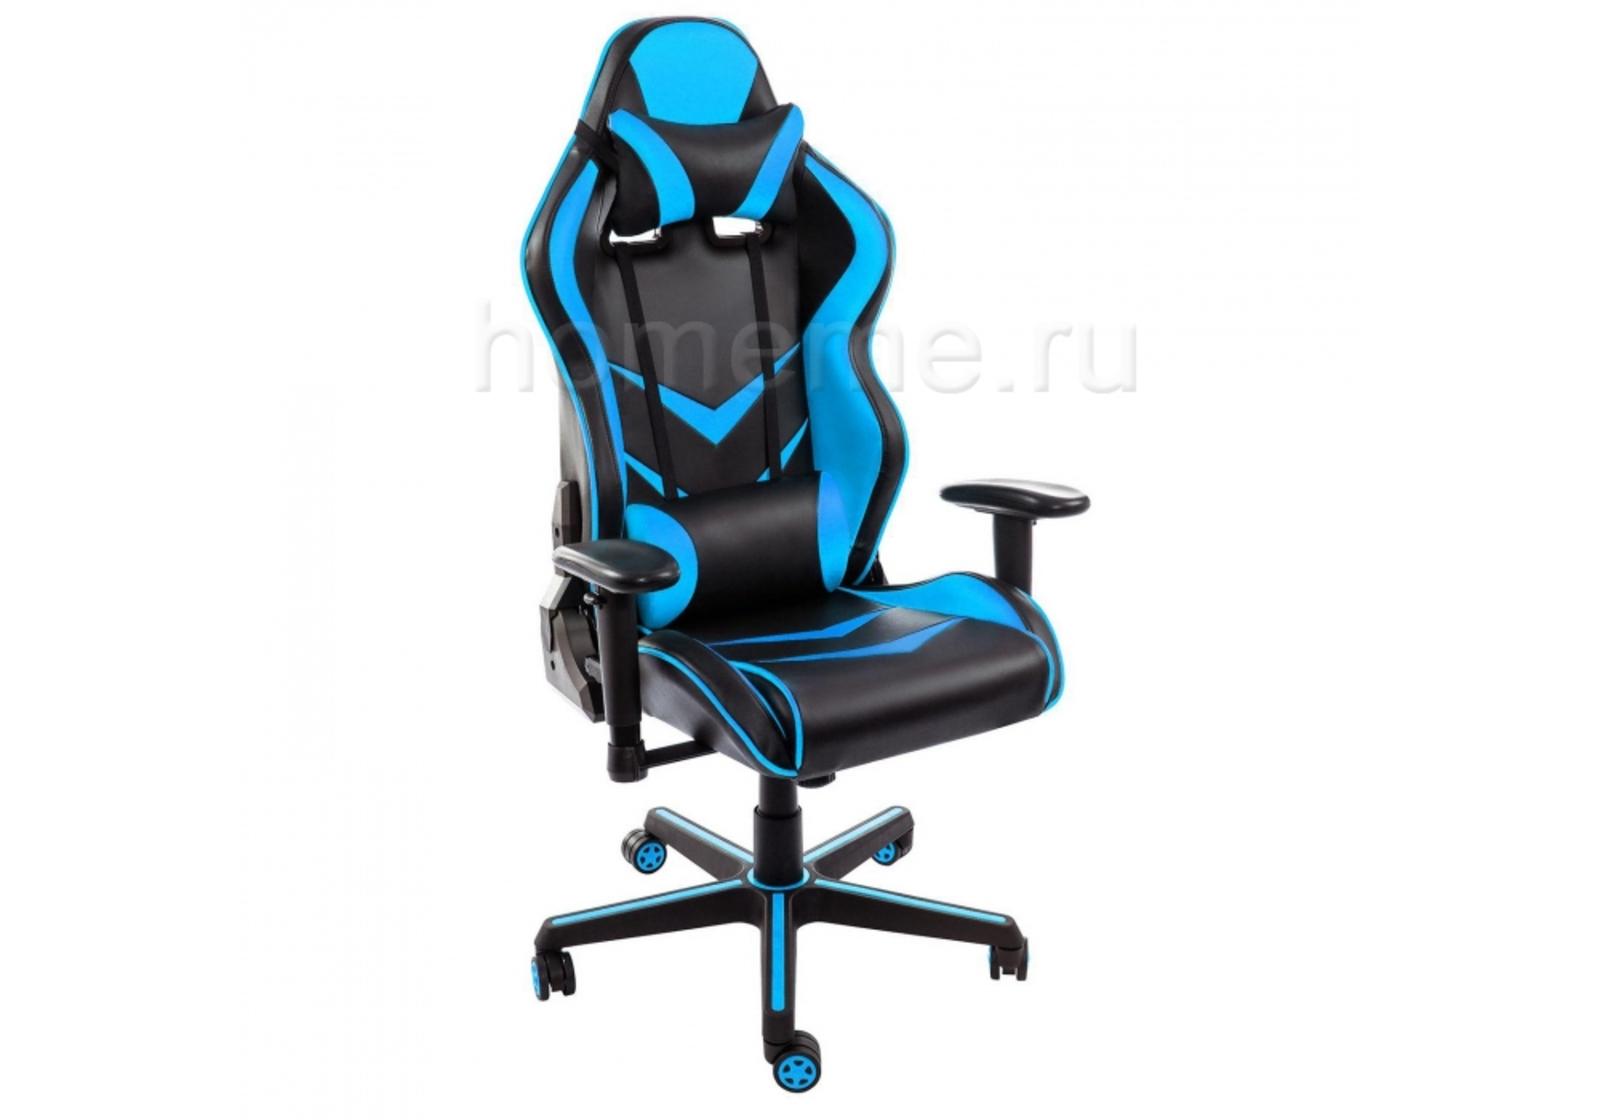 Кресло для офиса HomeMe Racer черное / голубое 1856 от Homeme.ru